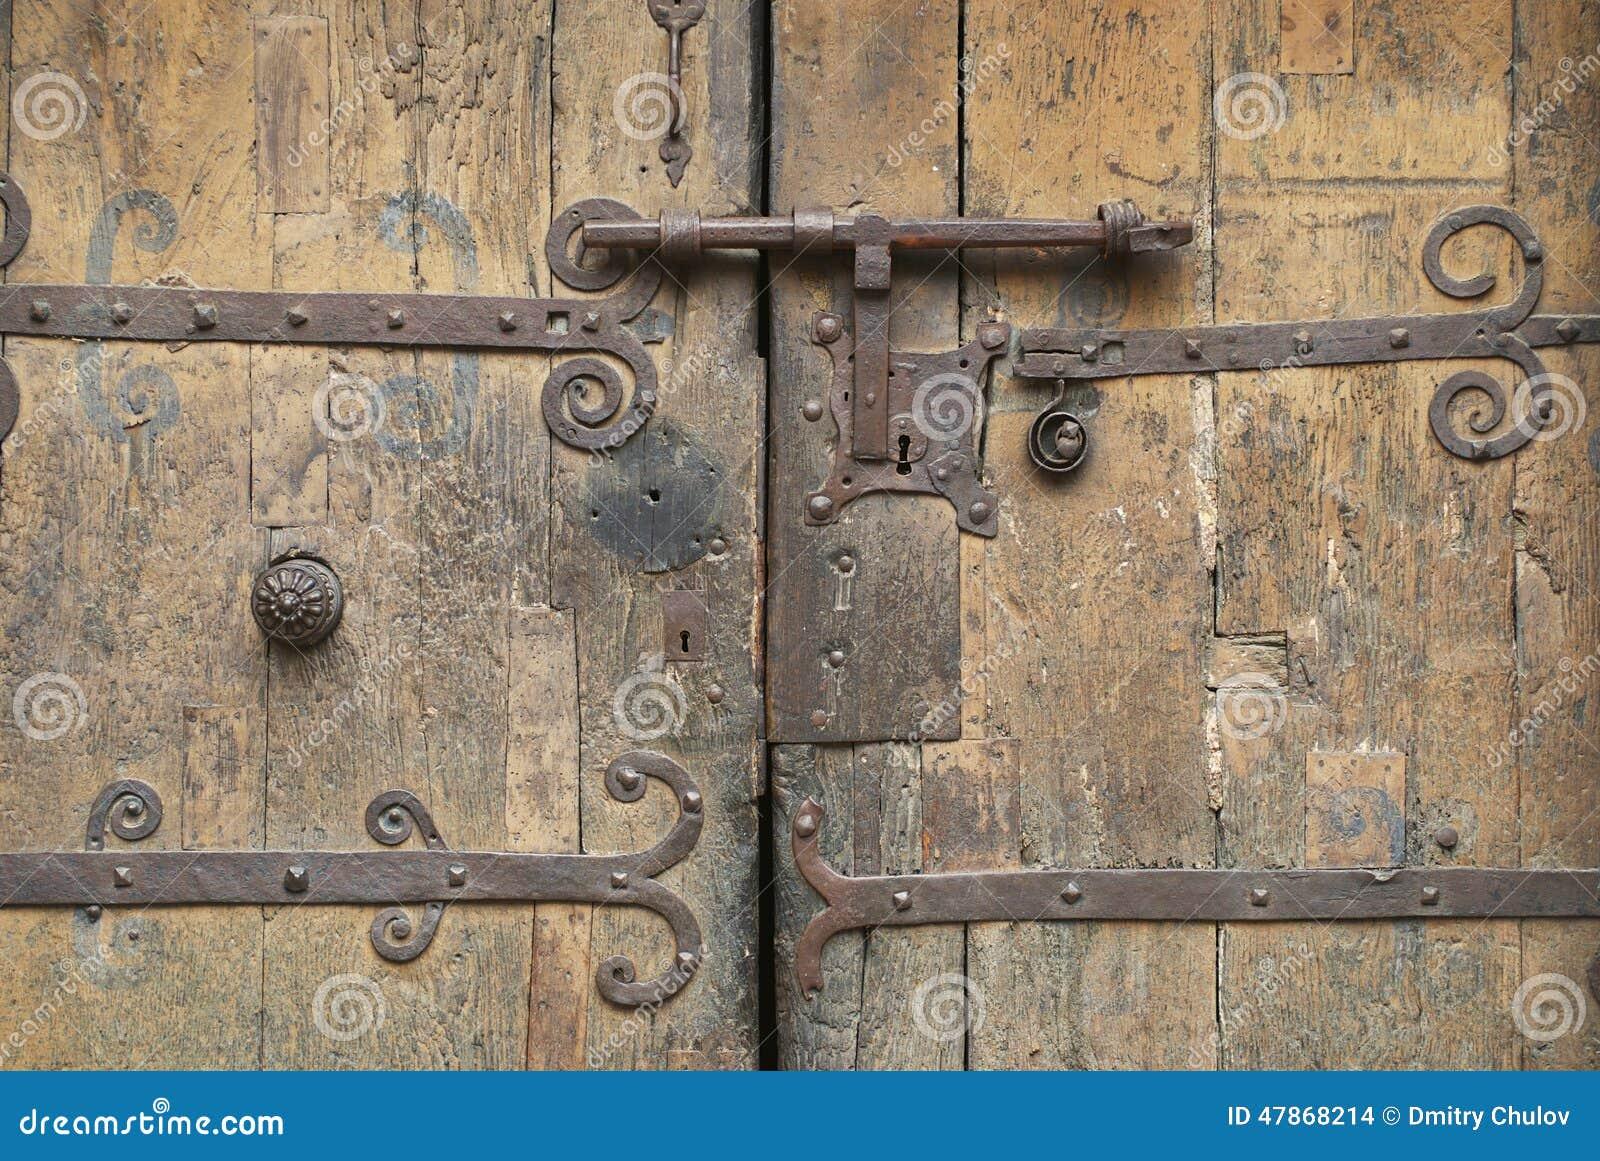 vieille porte en bois avec une serrure antique en m tal. Black Bedroom Furniture Sets. Home Design Ideas